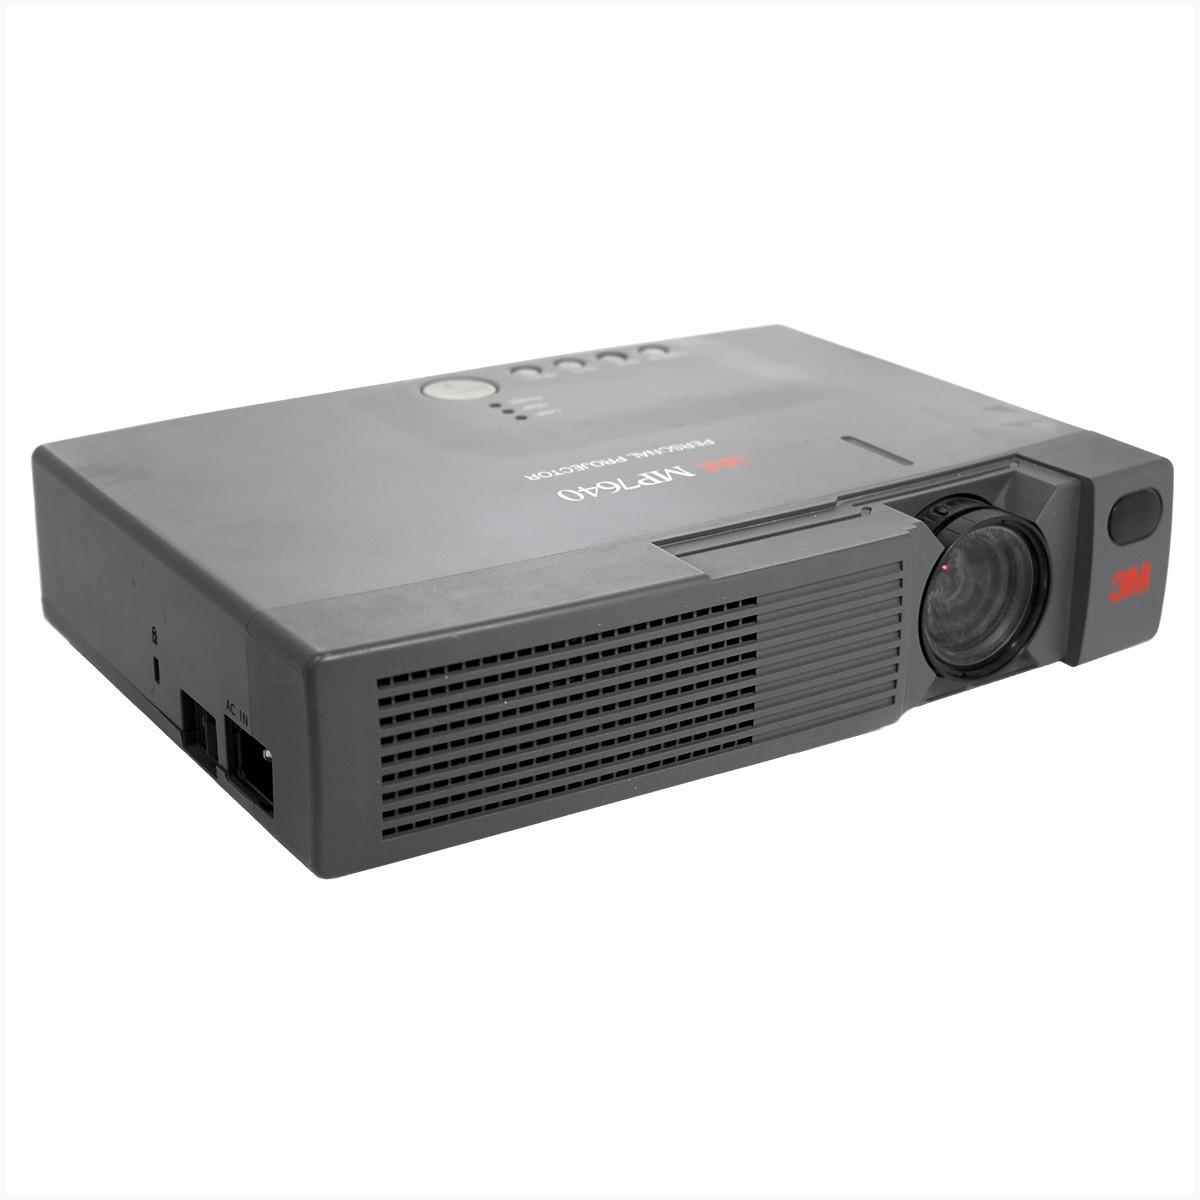 Projetor 3M MP7640 - Usado